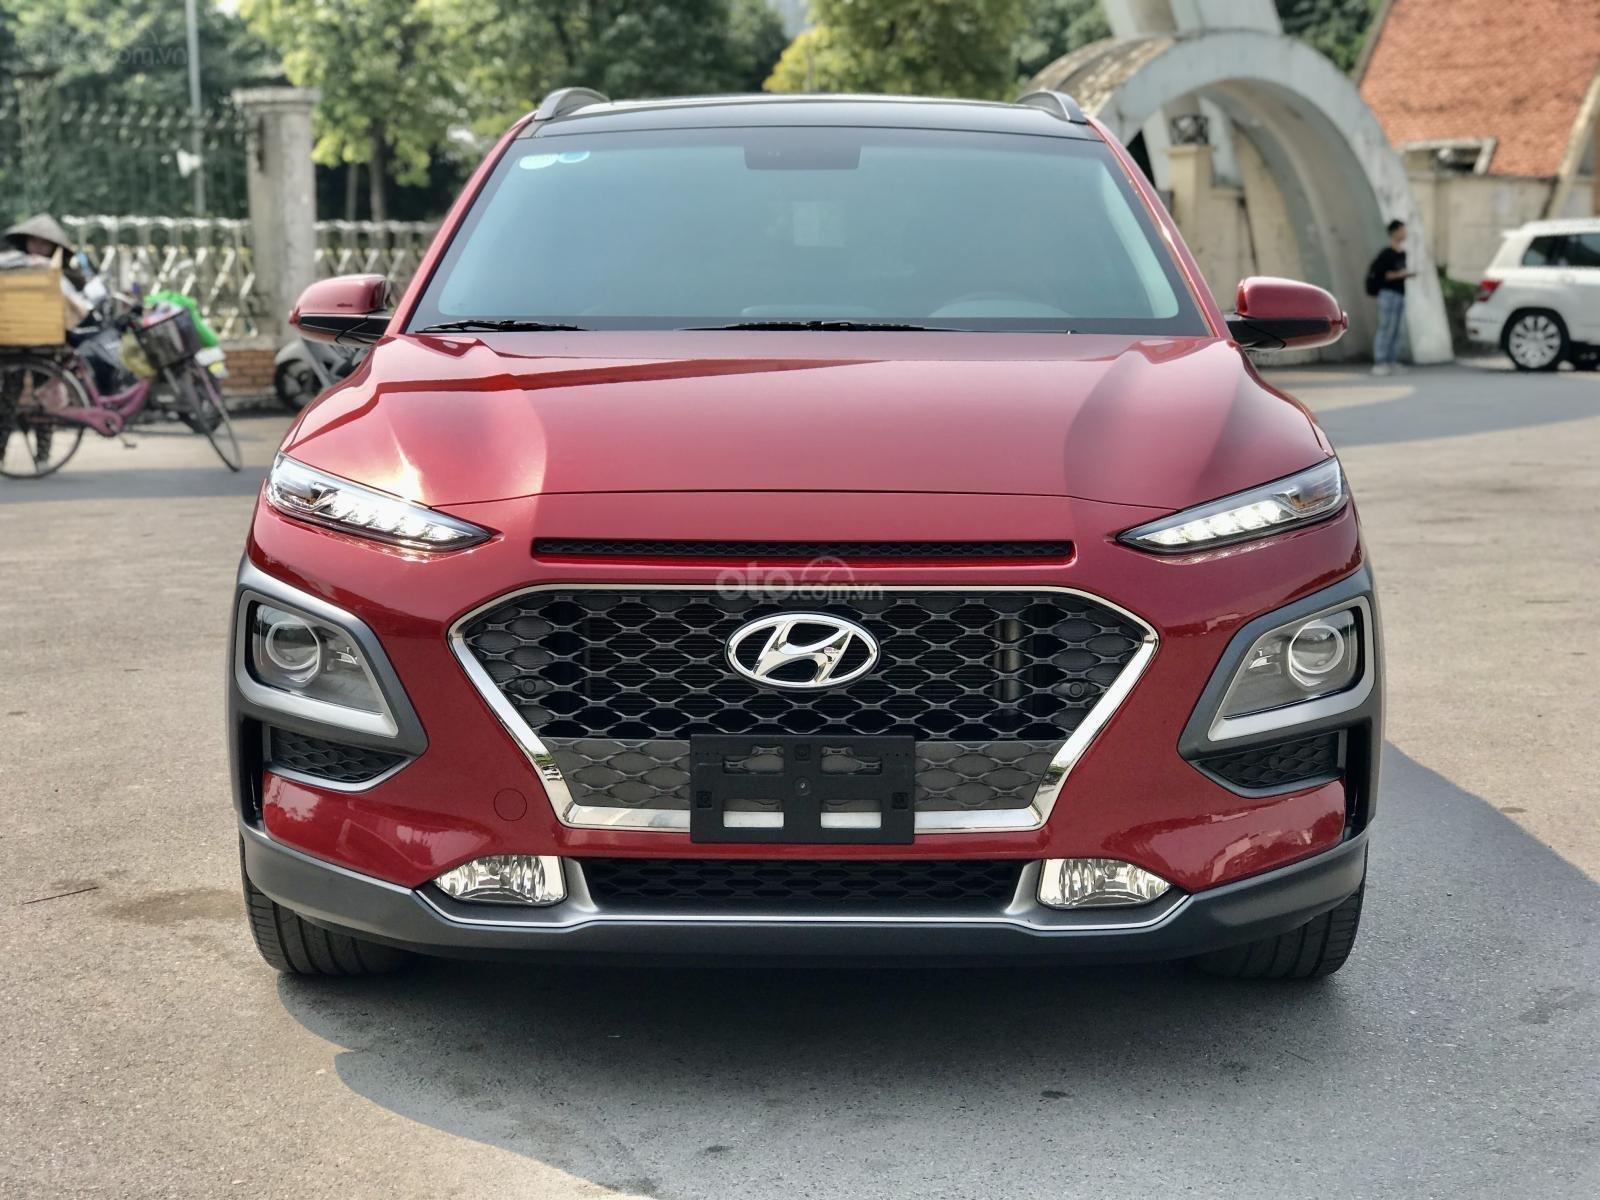 Cần bán xe Hyundai Kona đời 2019, màu đỏ, giá tốt (1)